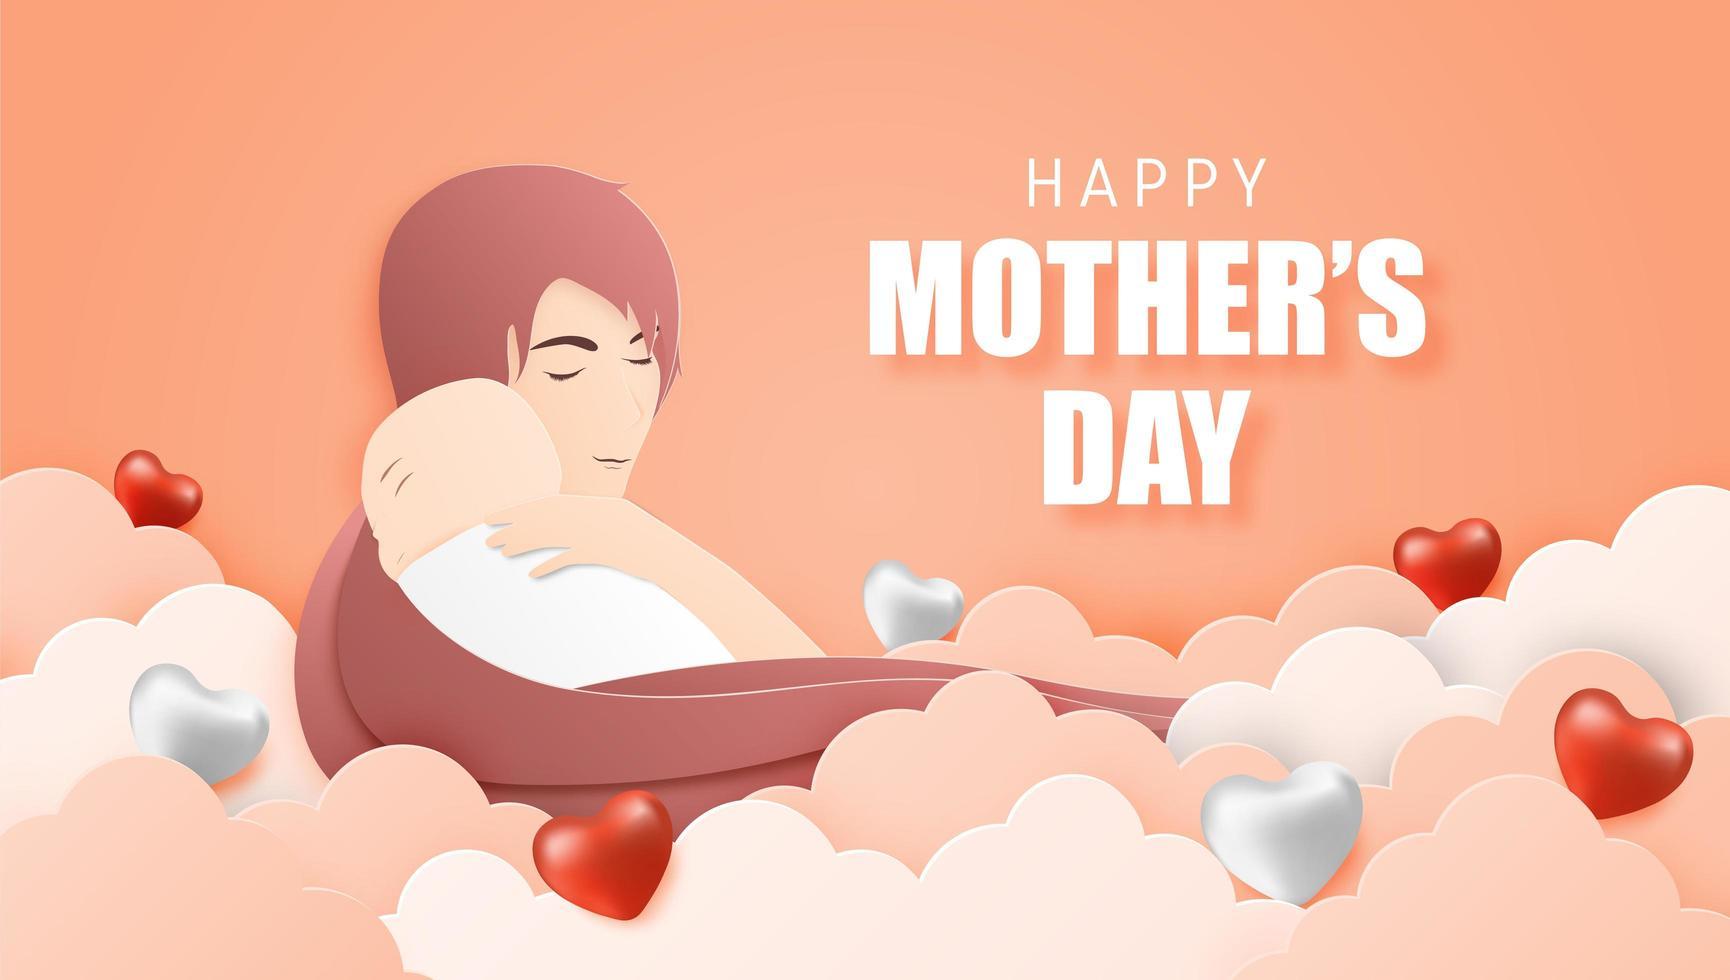 Cartel del día de la madre con mamá abrazando al bebé en las nubes vector